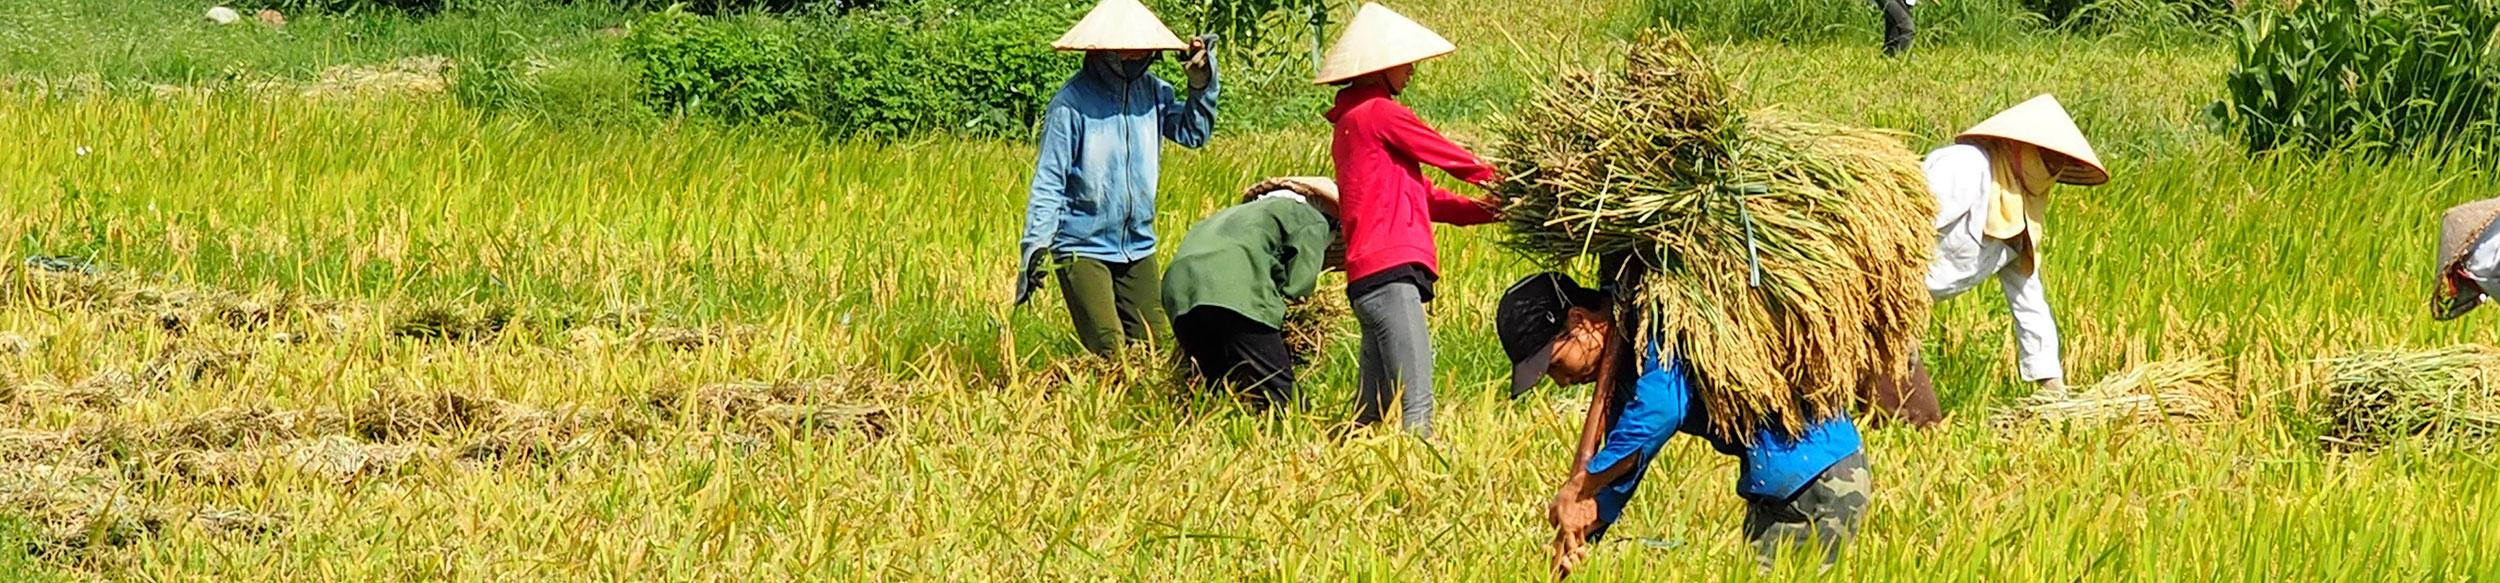 Découvrir Nghia Lo avec Carnets d'Asie